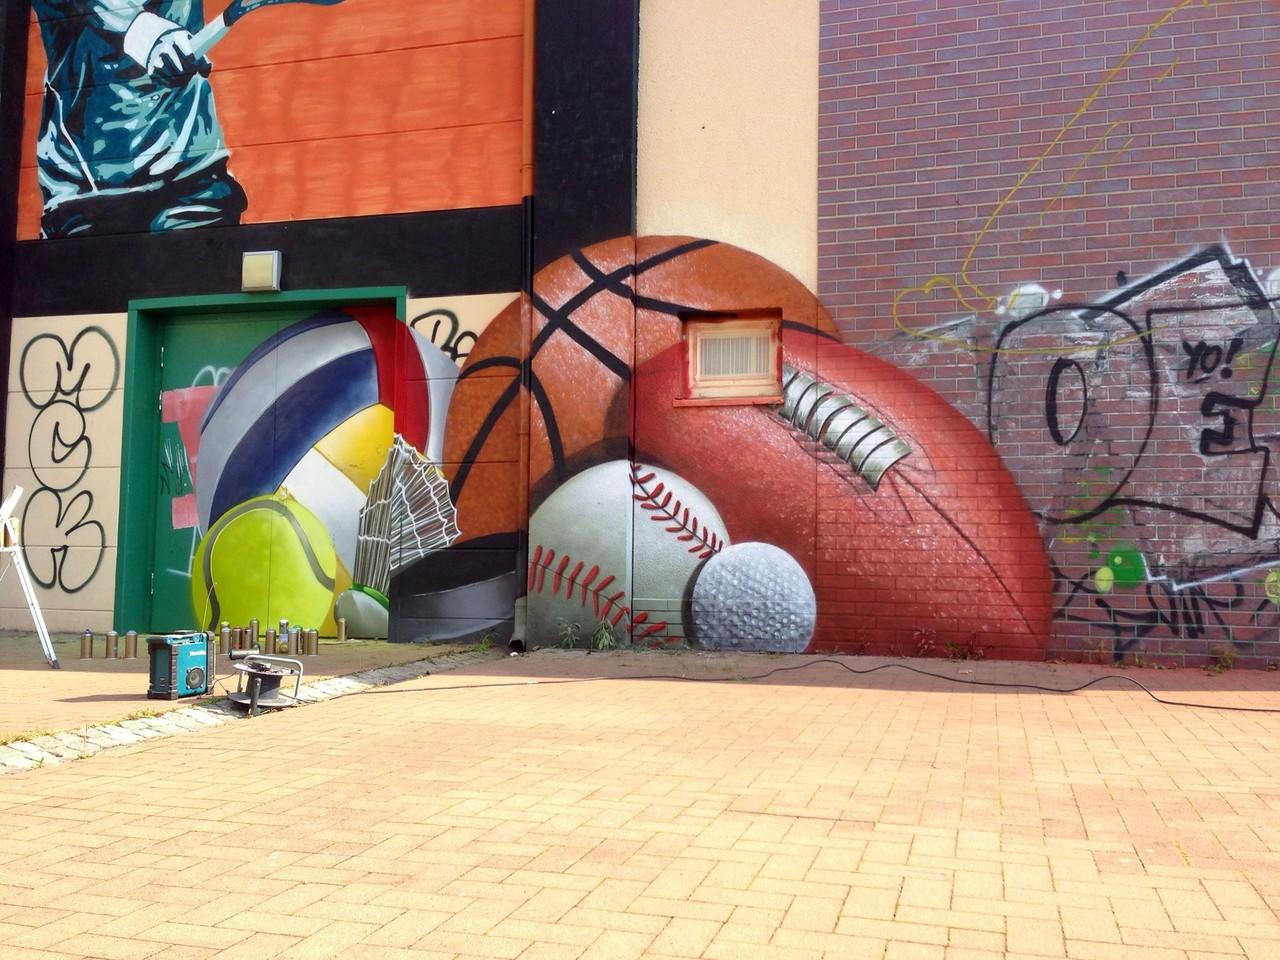 Wandbild mit Sportgeräten gemalt von Graffitikünstler aus Brandenburg bei Berlin